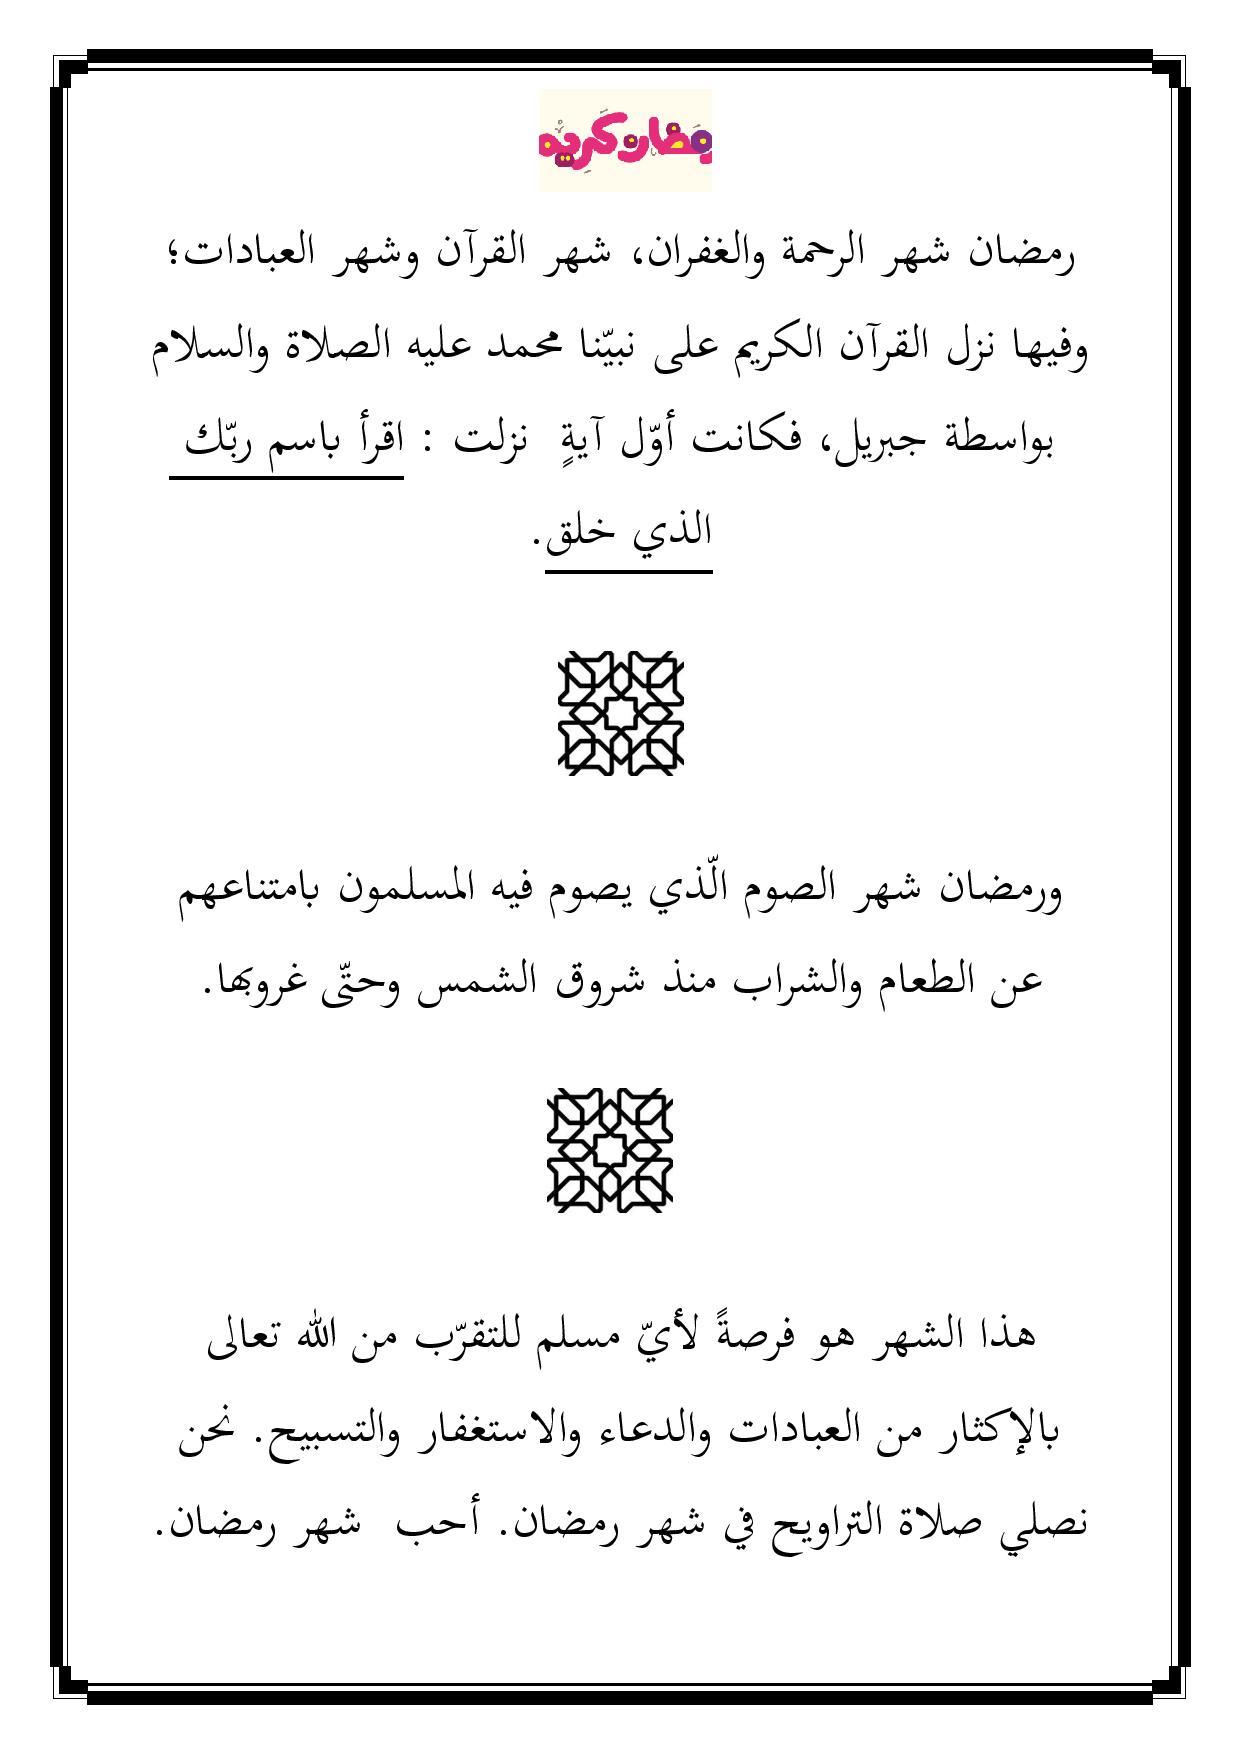 ramadan activities arabic adventures